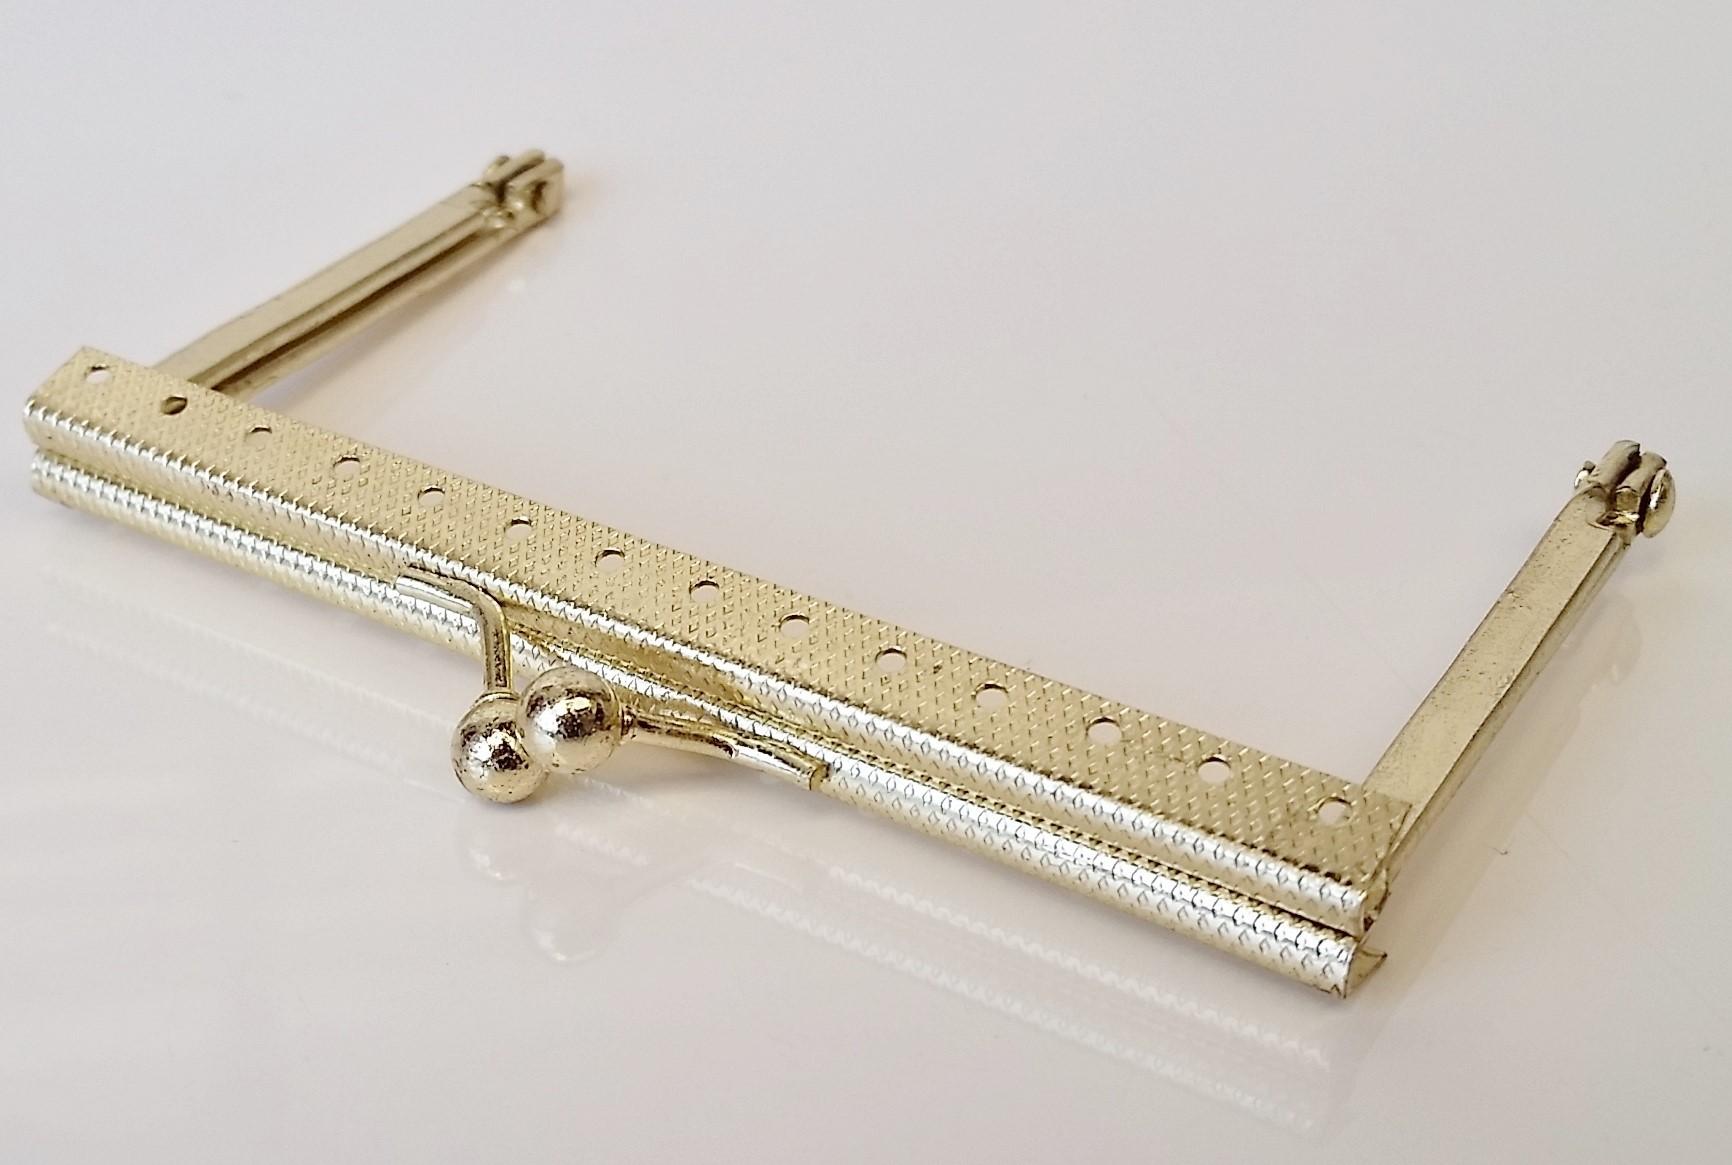 Armação 10cm x 6cm Gravada c/ furos p/ costura Latonada